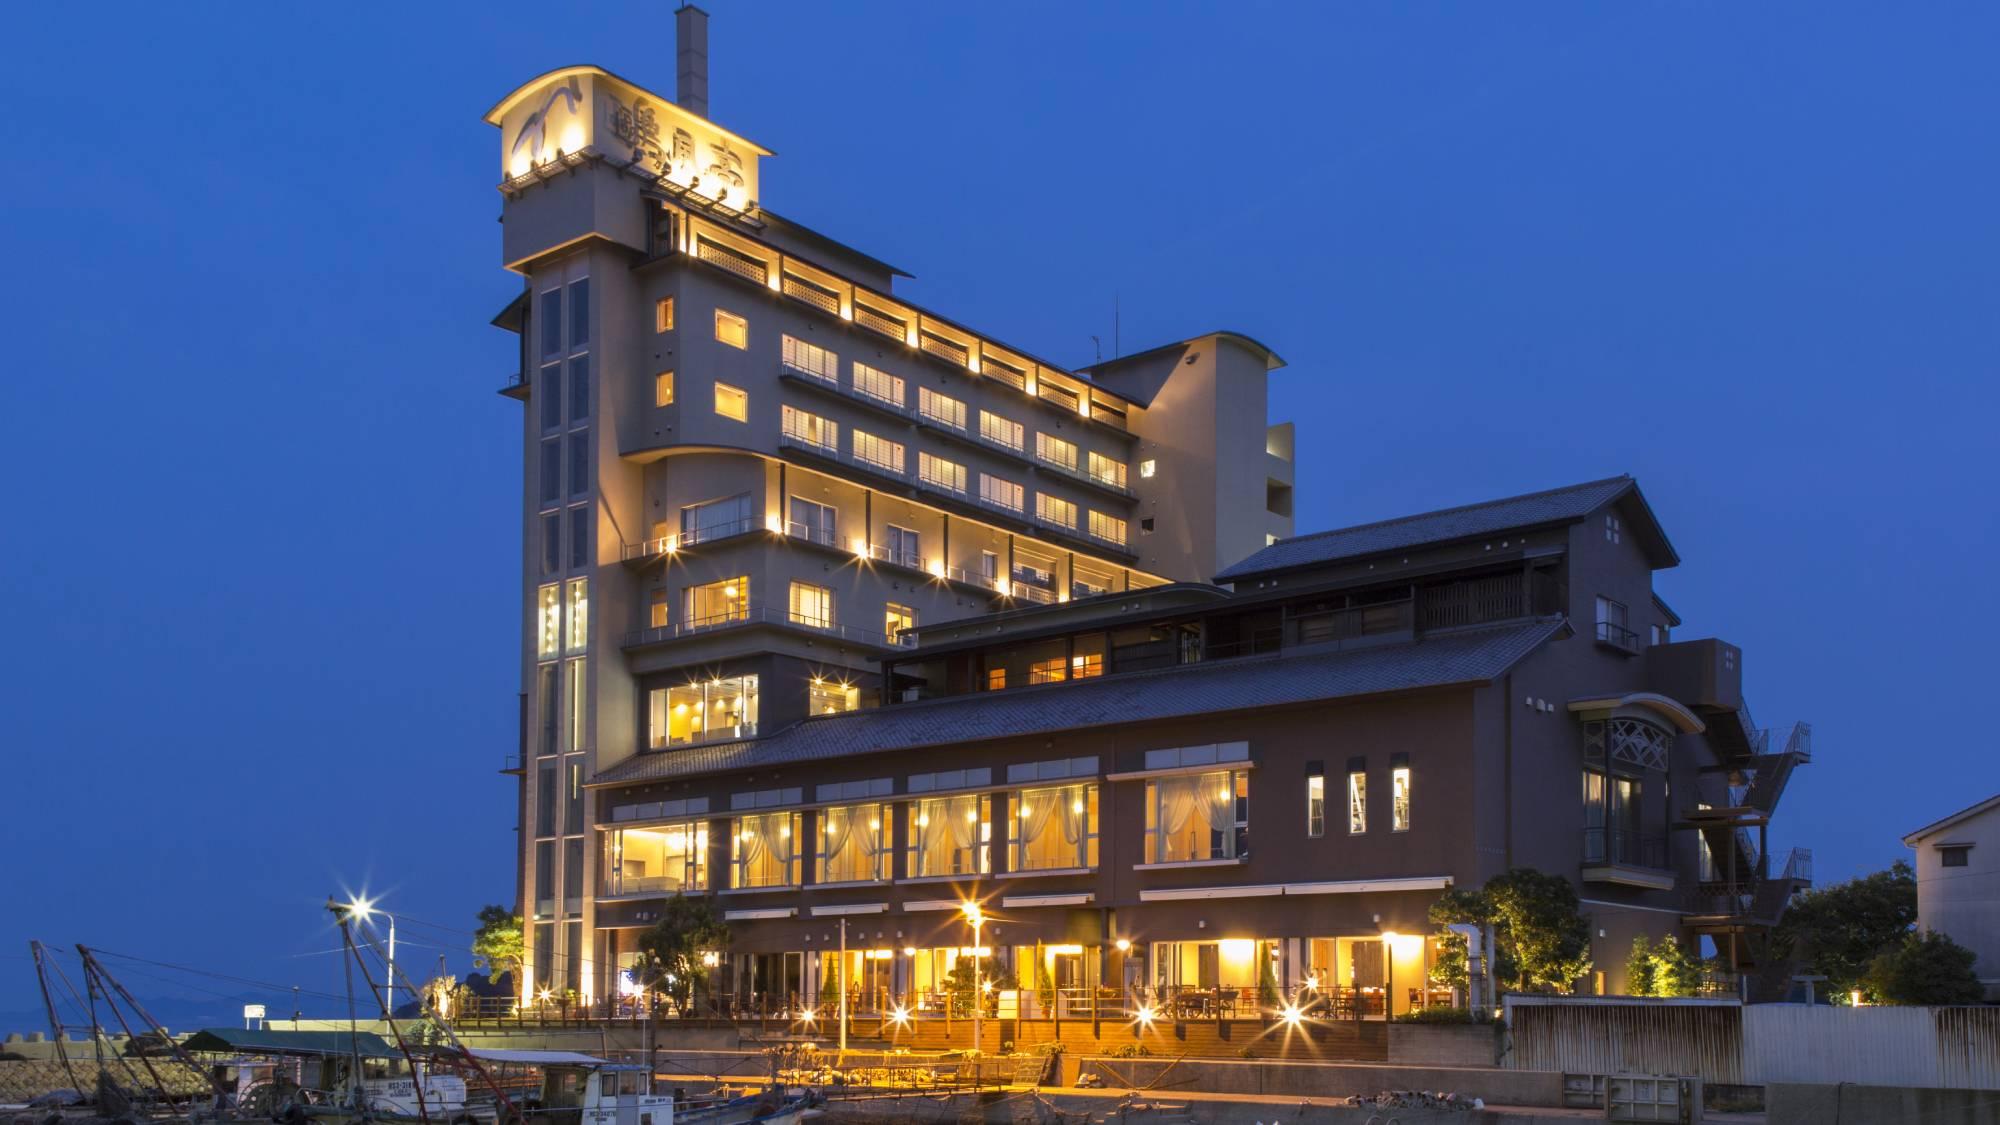 ホテル鴎風亭◆楽天トラベル